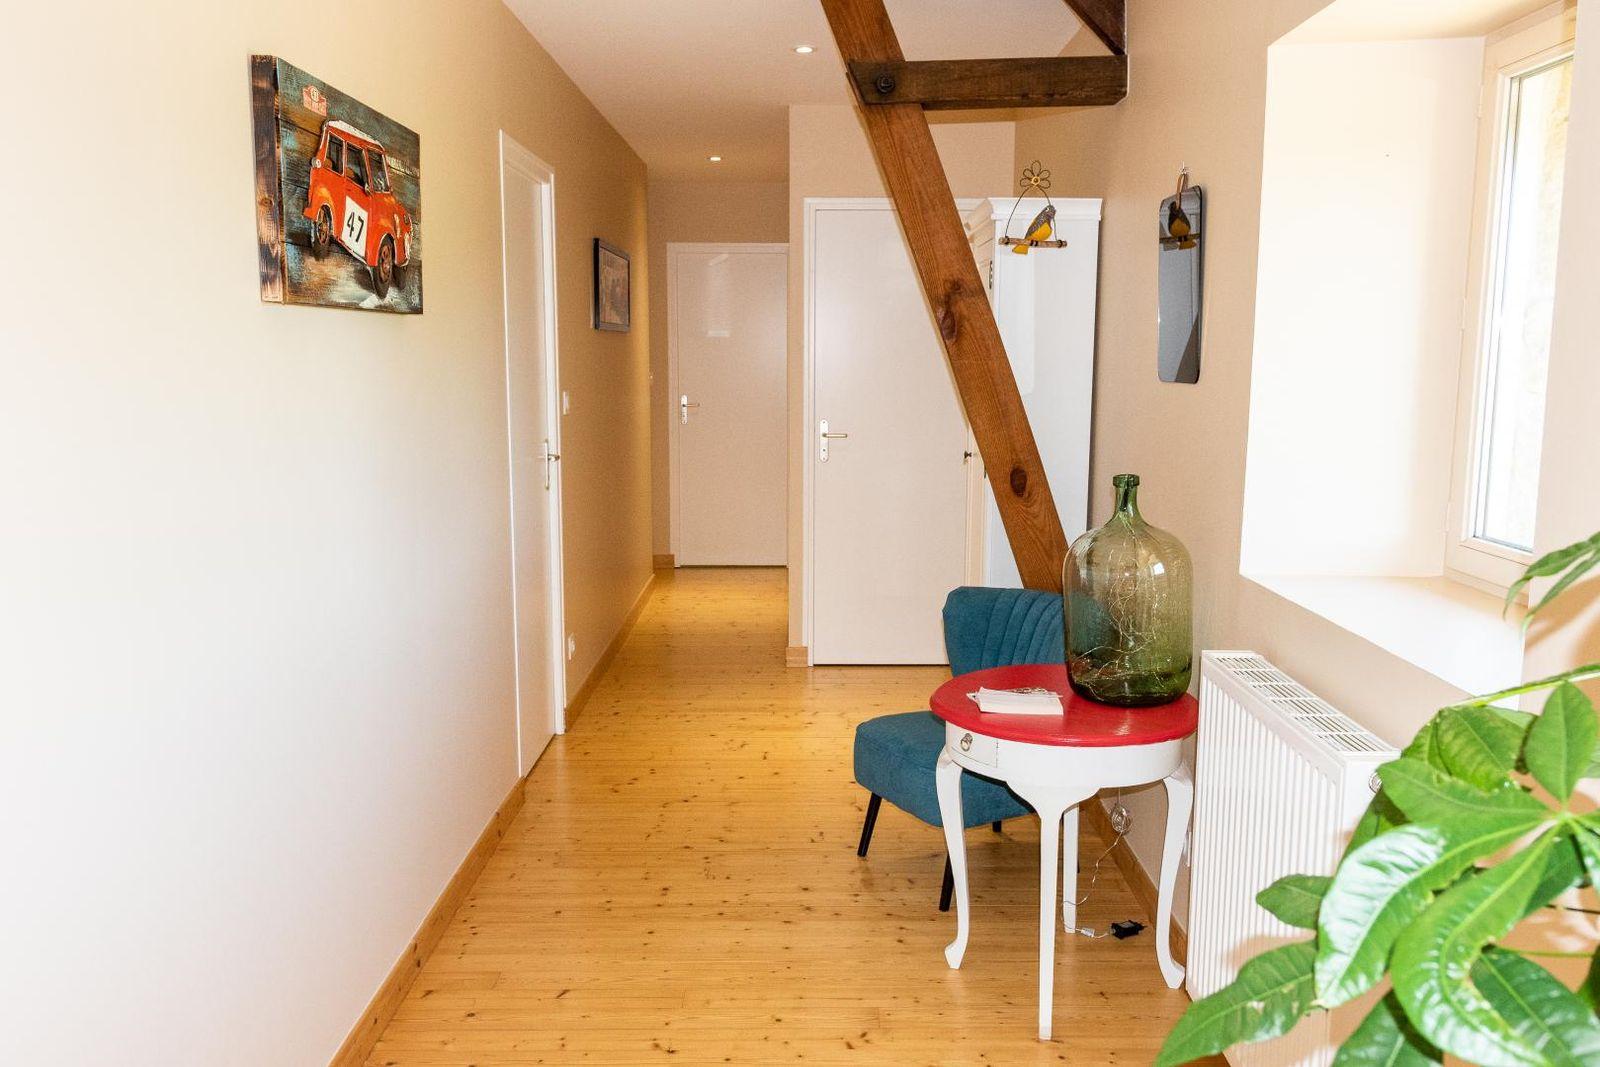 le couloir qui dessert les 4 chambres, un toilette et la salle de bain de l'étage